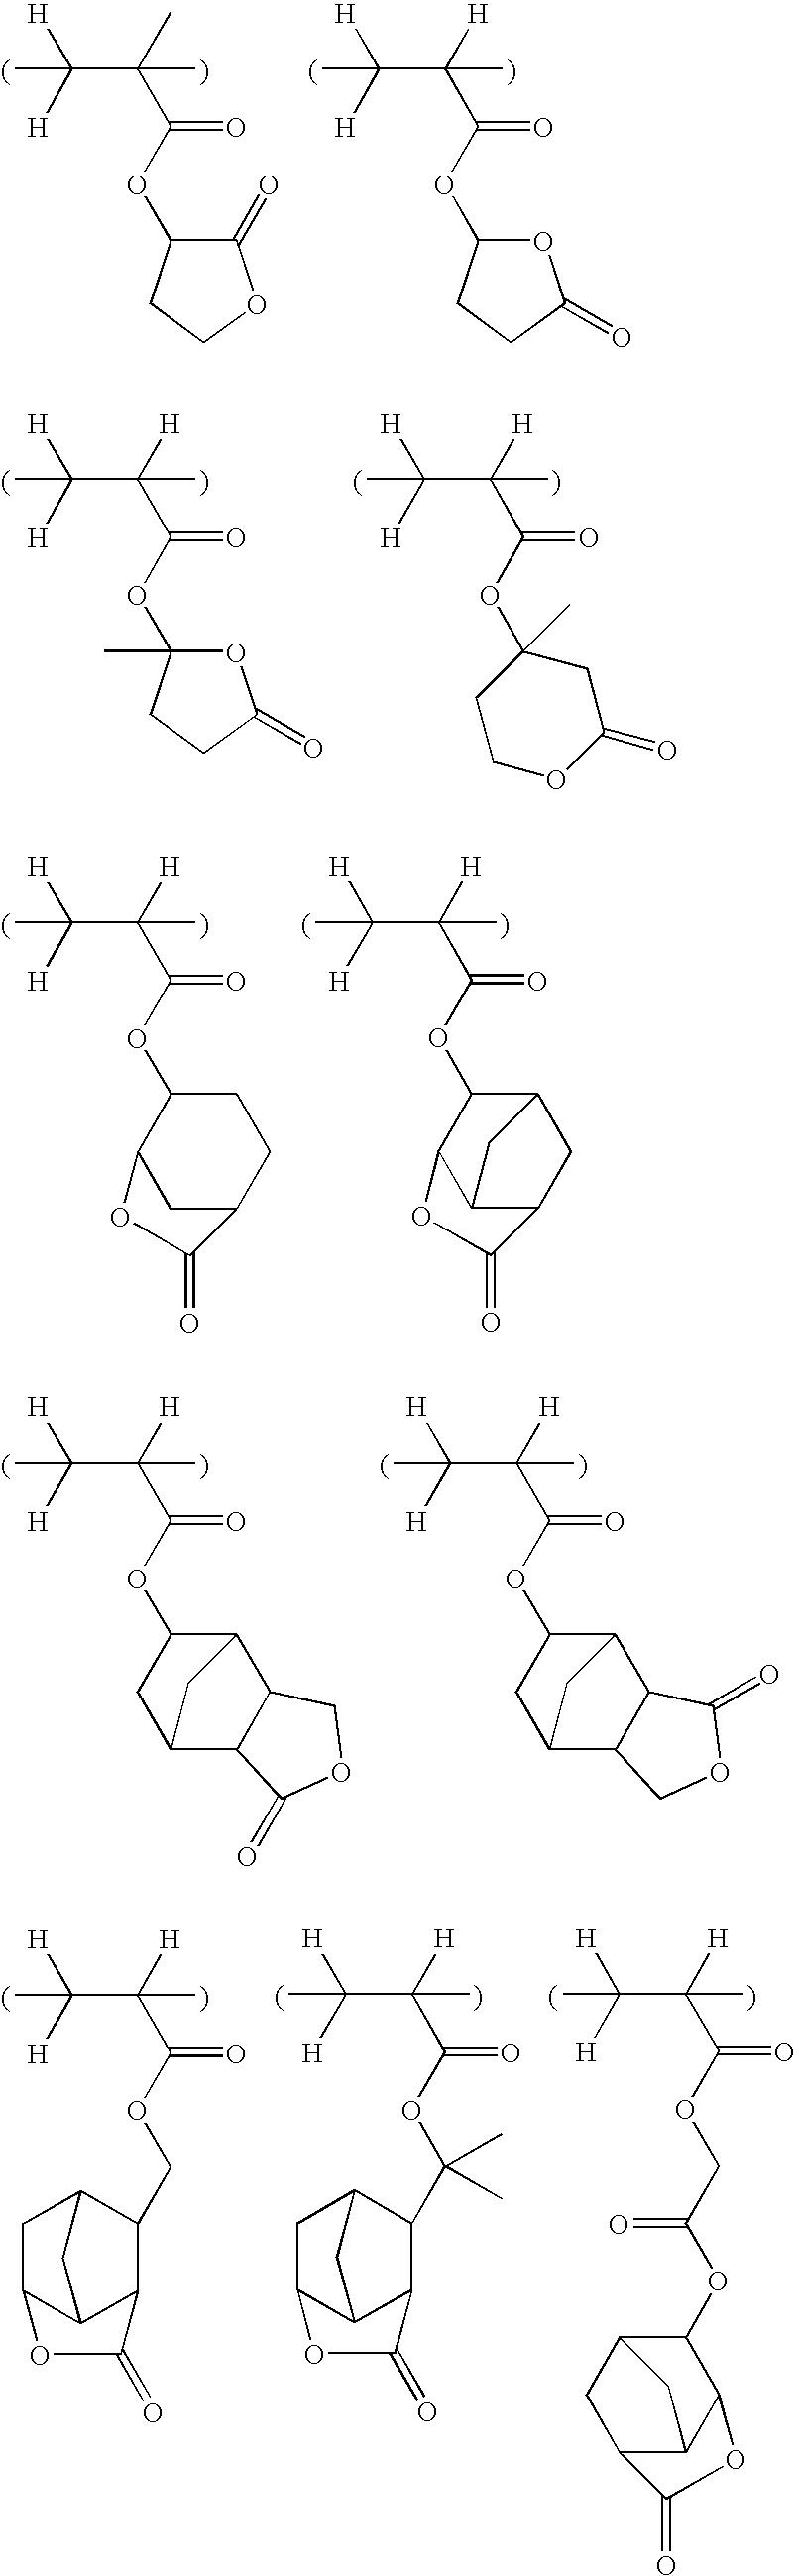 Figure US20080026331A1-20080131-C00053